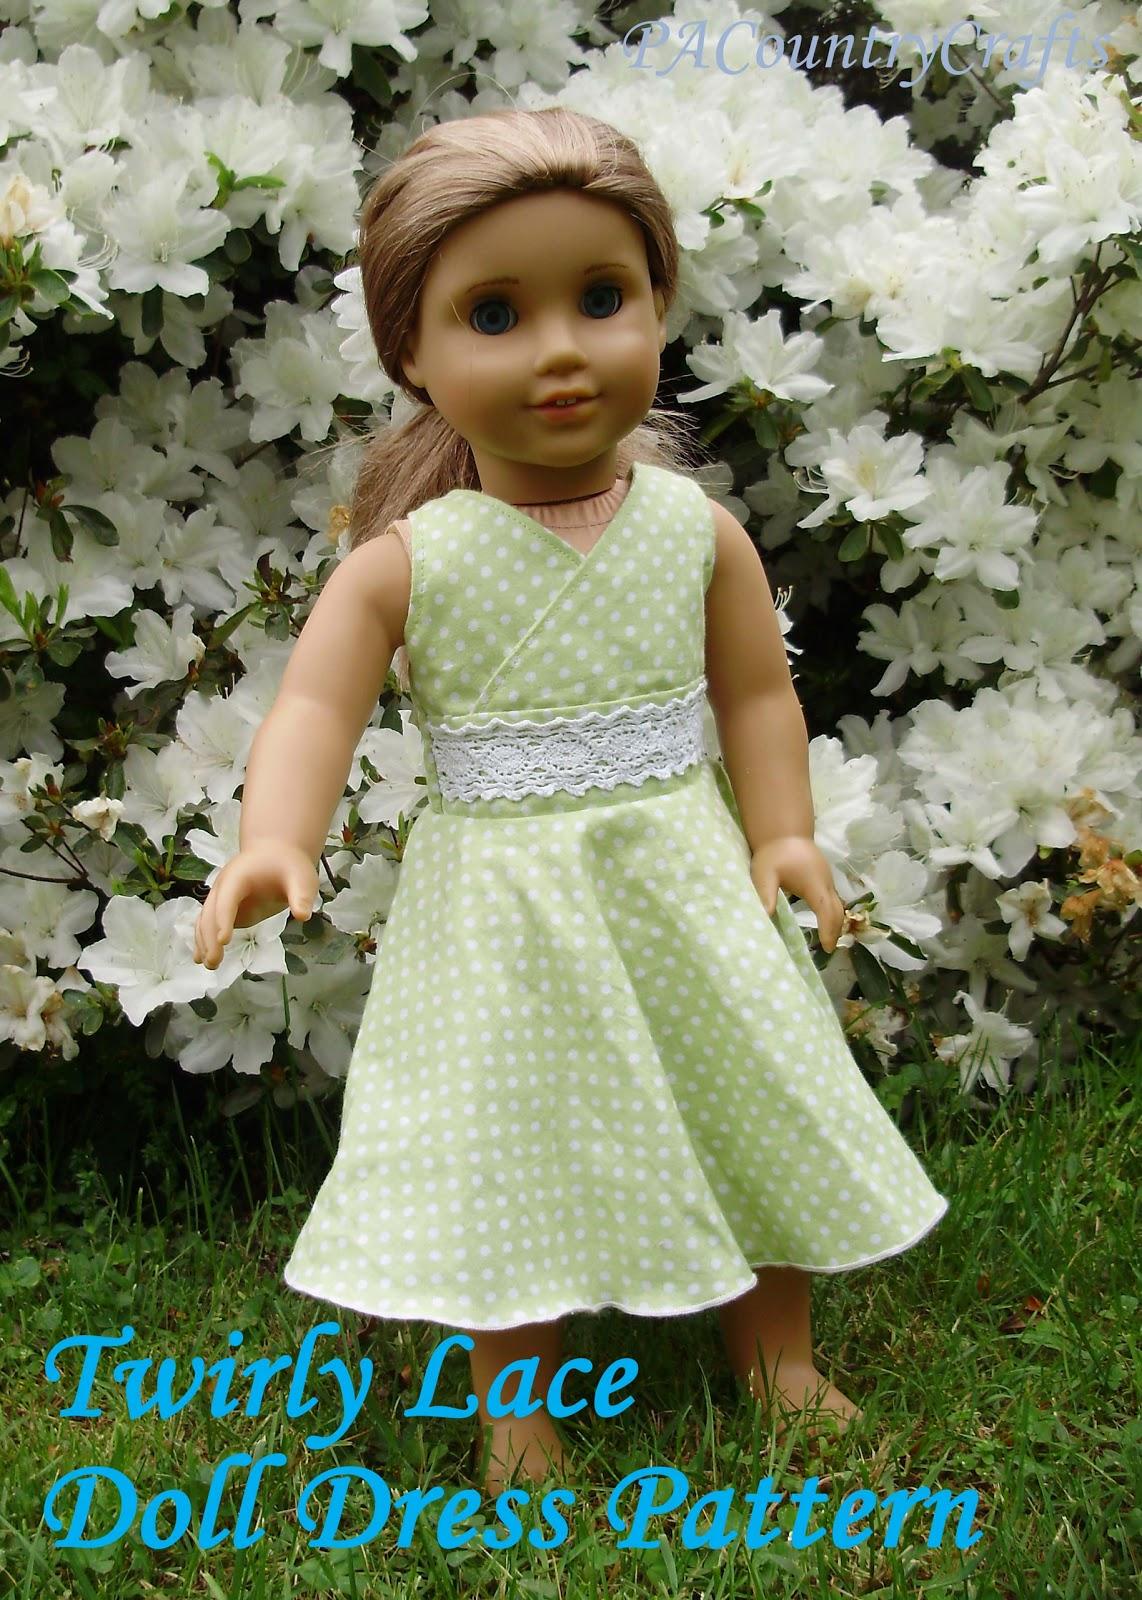 Twirly Lace Doll Dress Pattern | PA Country Crafts